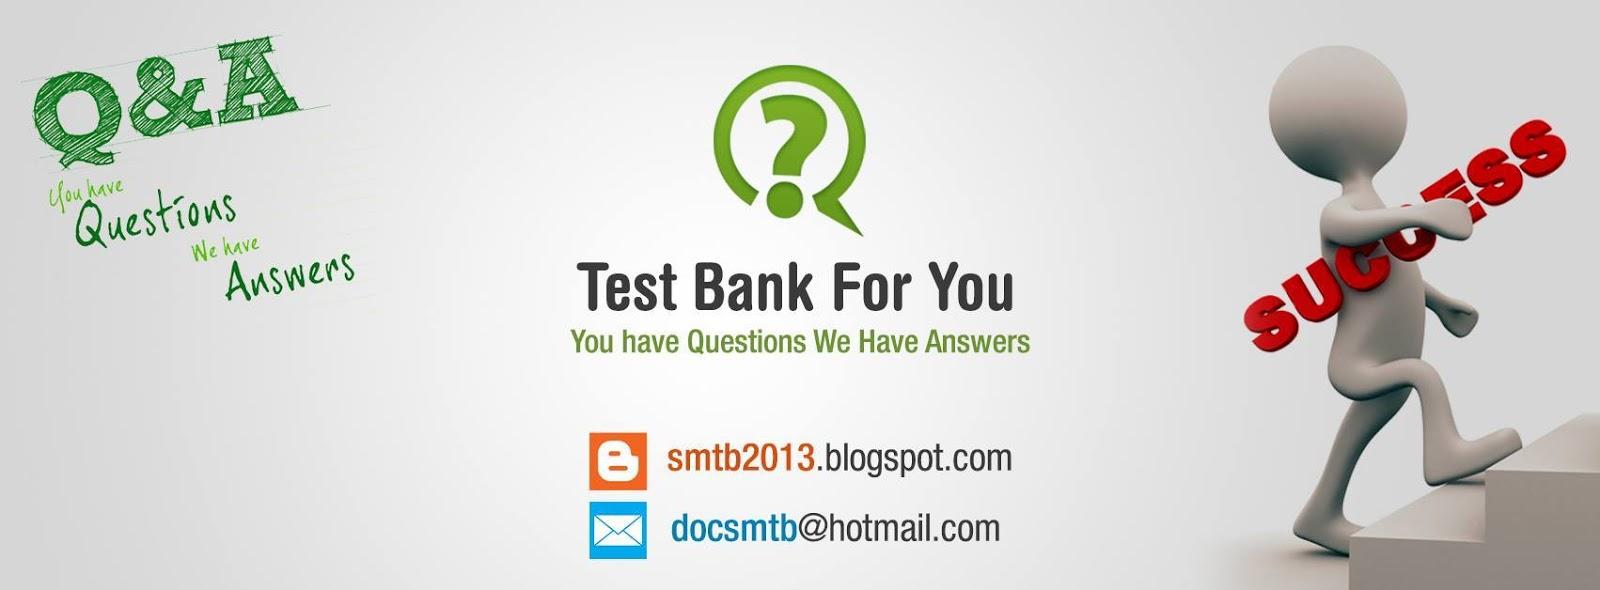 solution manual test bank rh smtb2013 blogspot com Starting a Blog